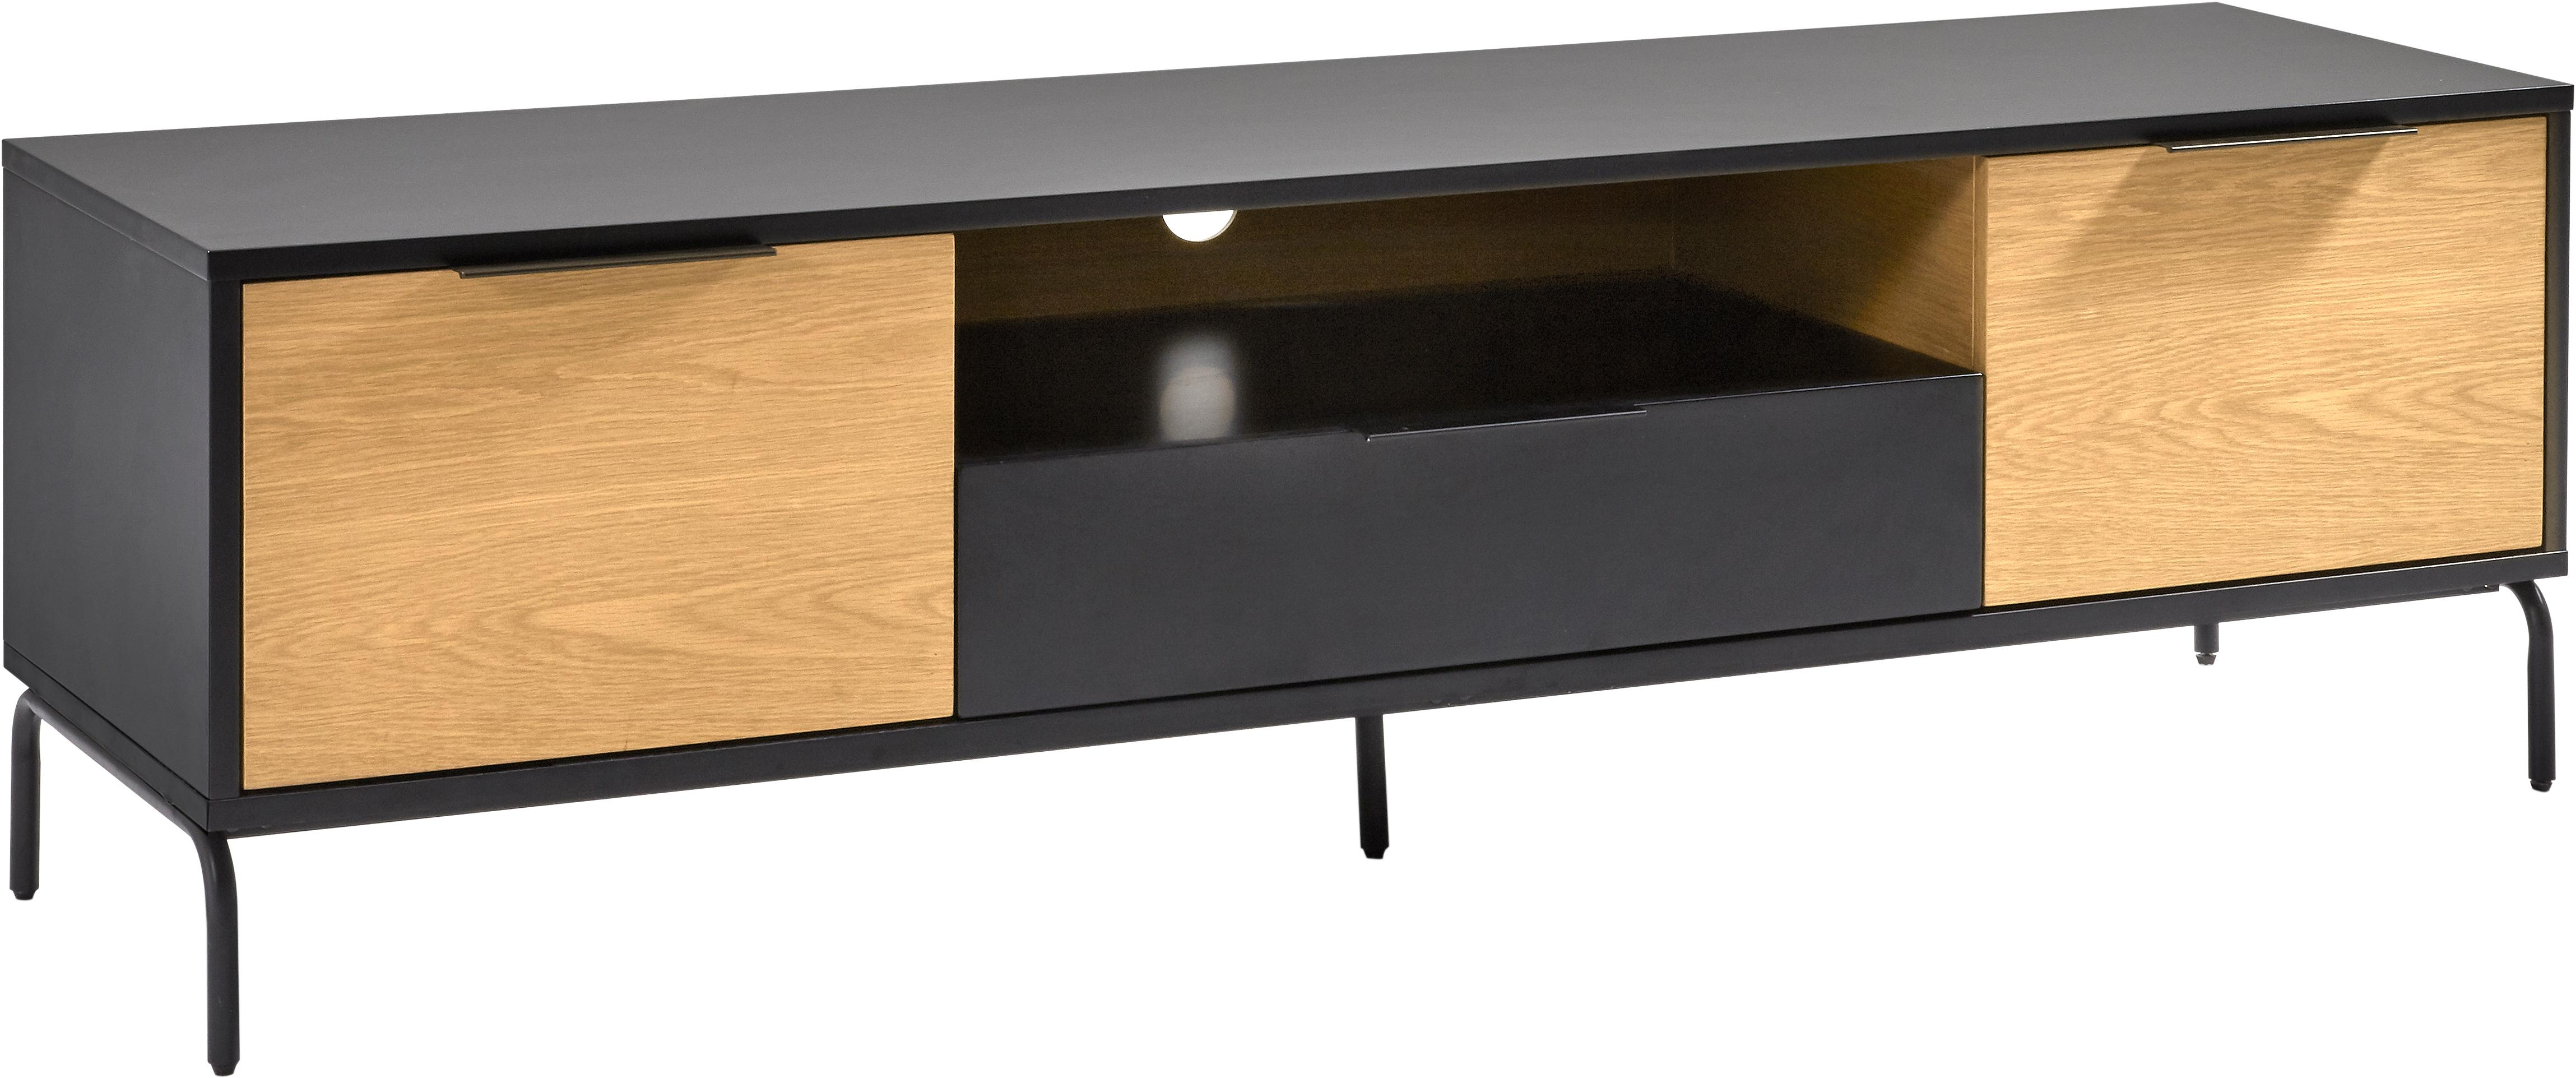 Szafka RTV z 2 drzwiczkami i szufladą Stellar, Czarny, drewno dębowe, S 170 x W 50 cm